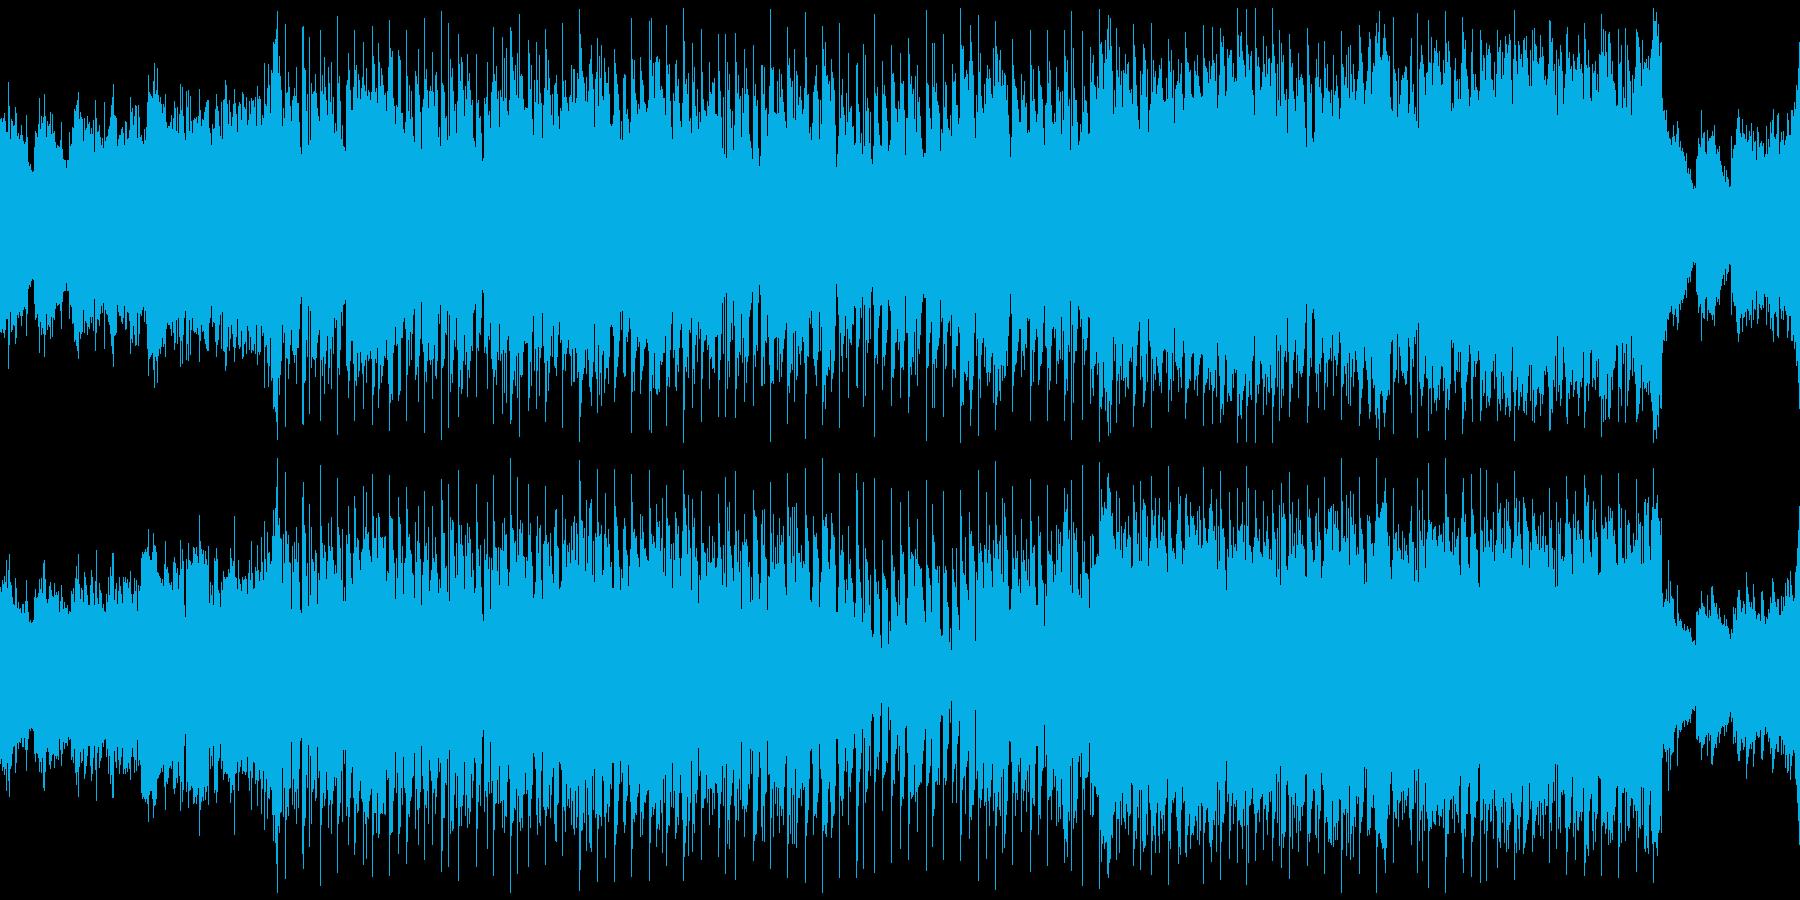 テンポの良いお洒落な曲の再生済みの波形